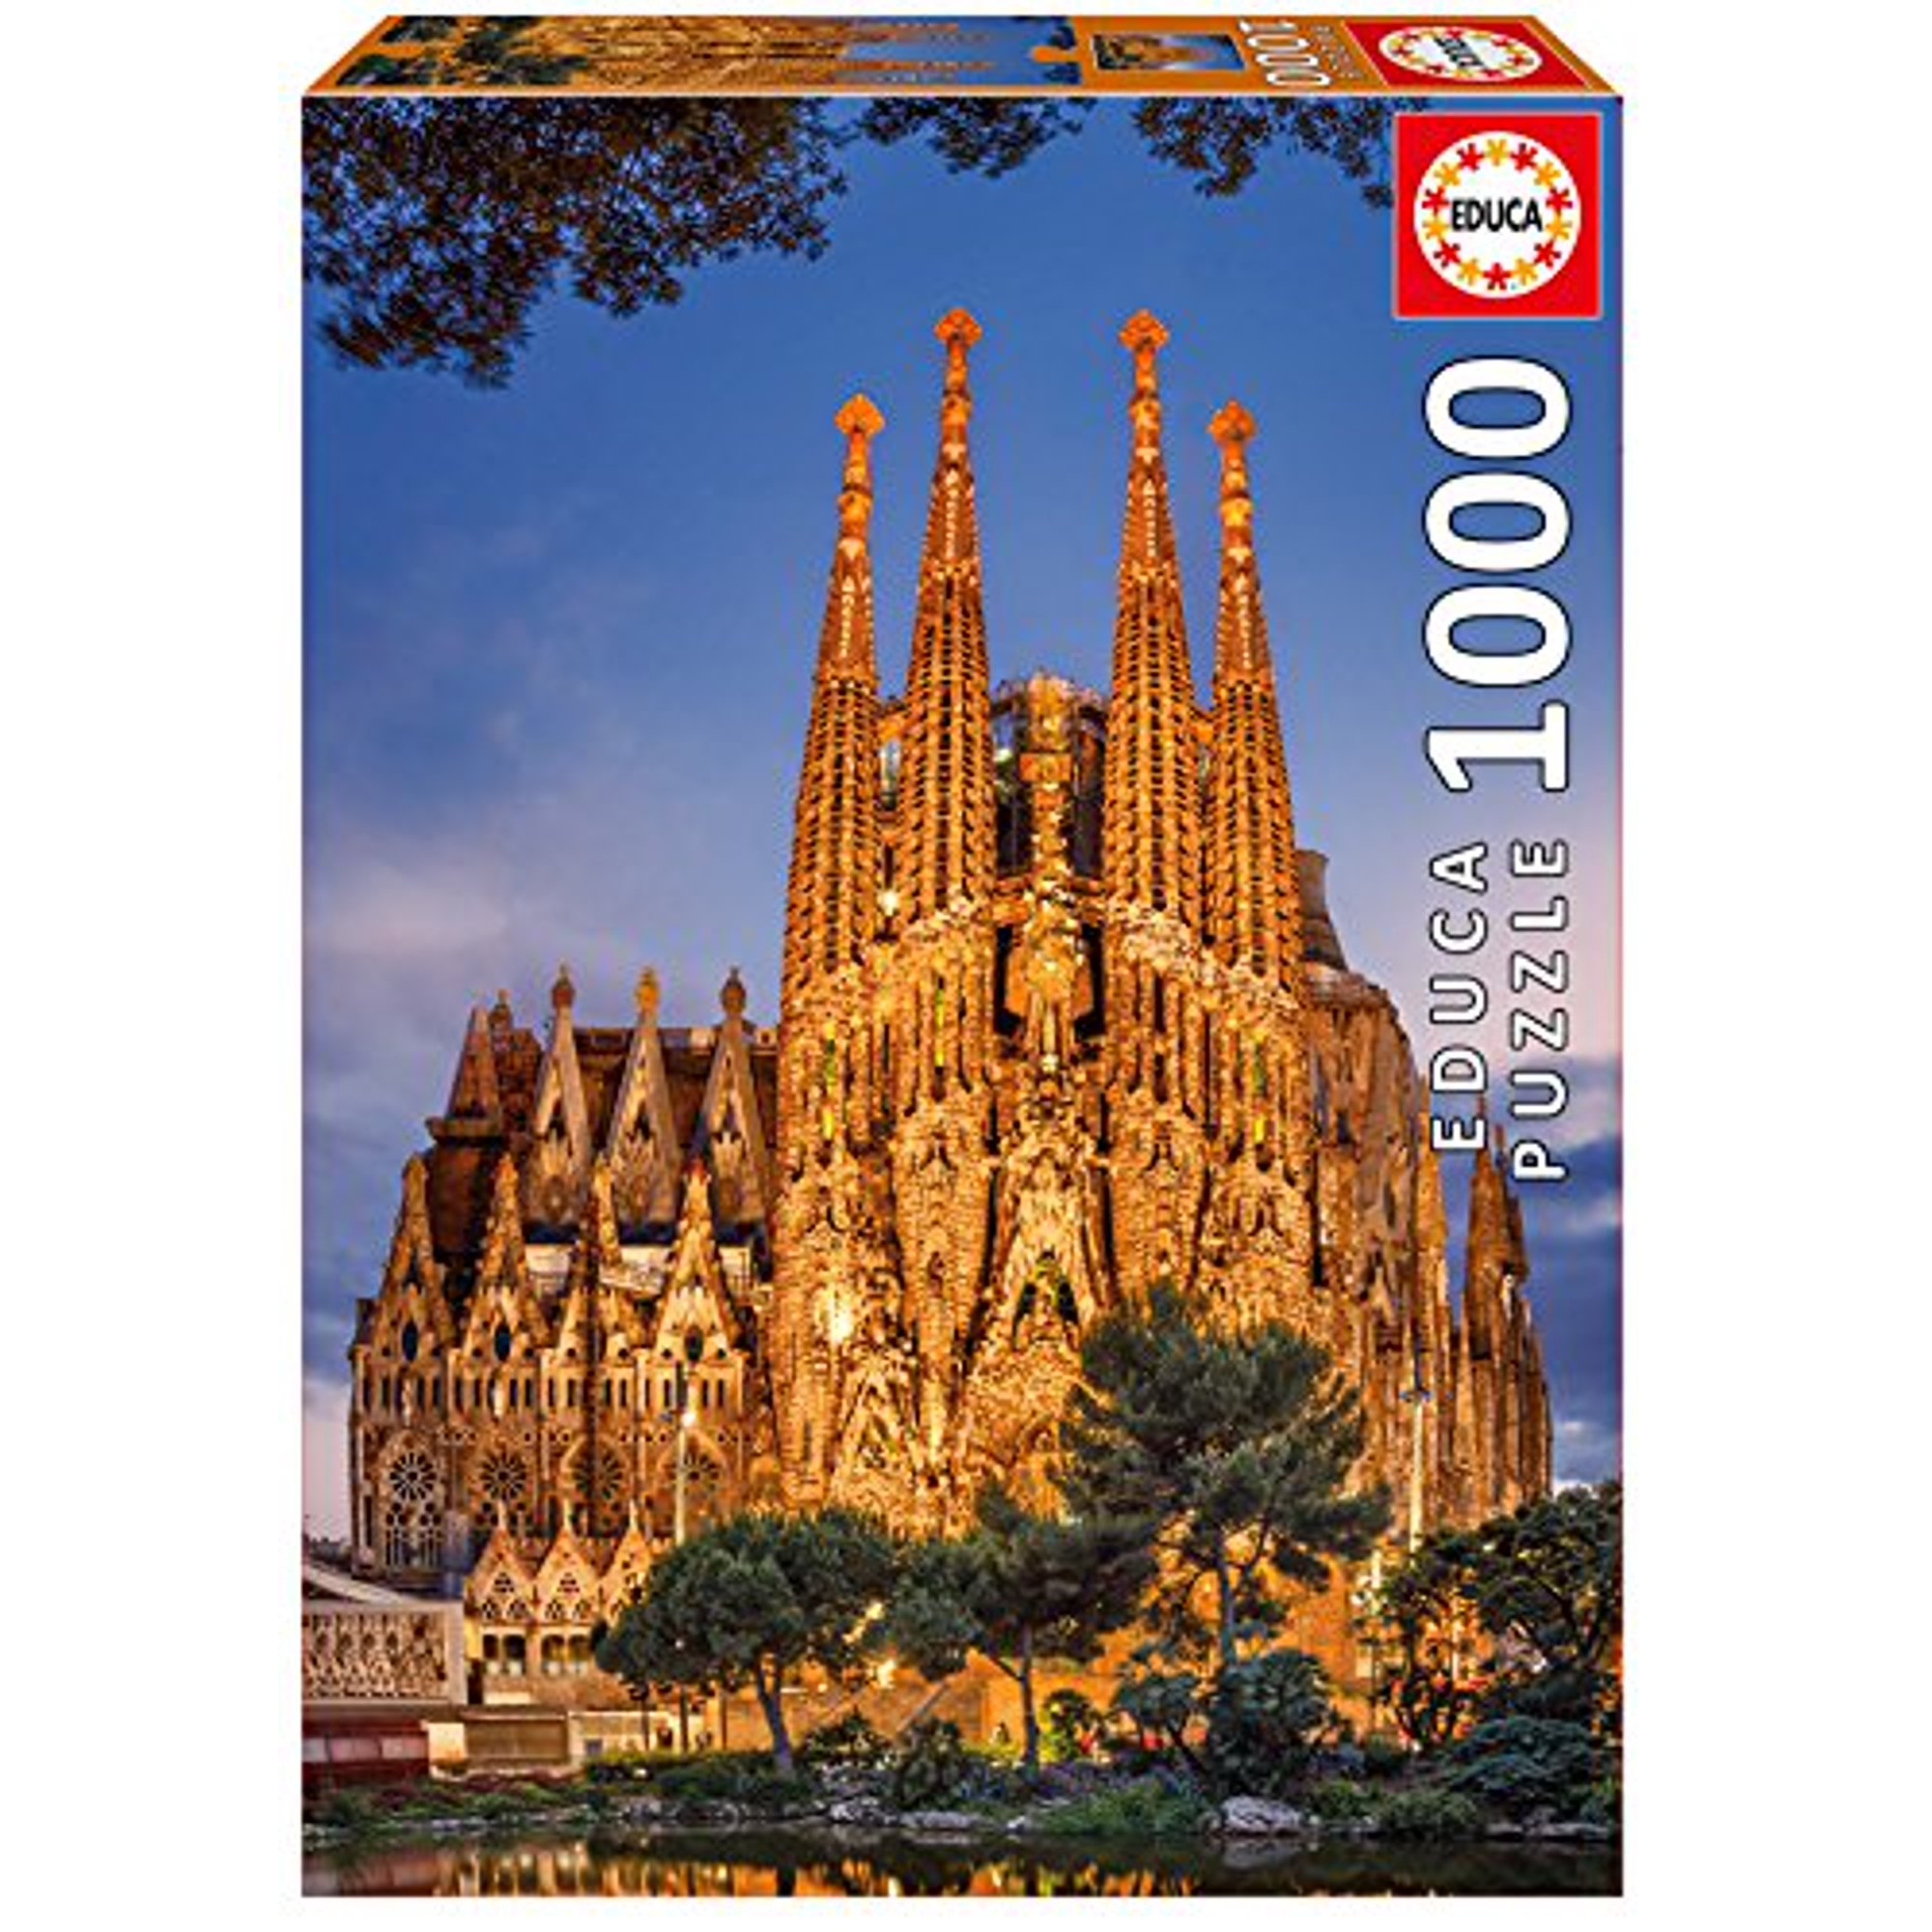 Educa - Puzzle 1000 - Sagrada Familia (017097)